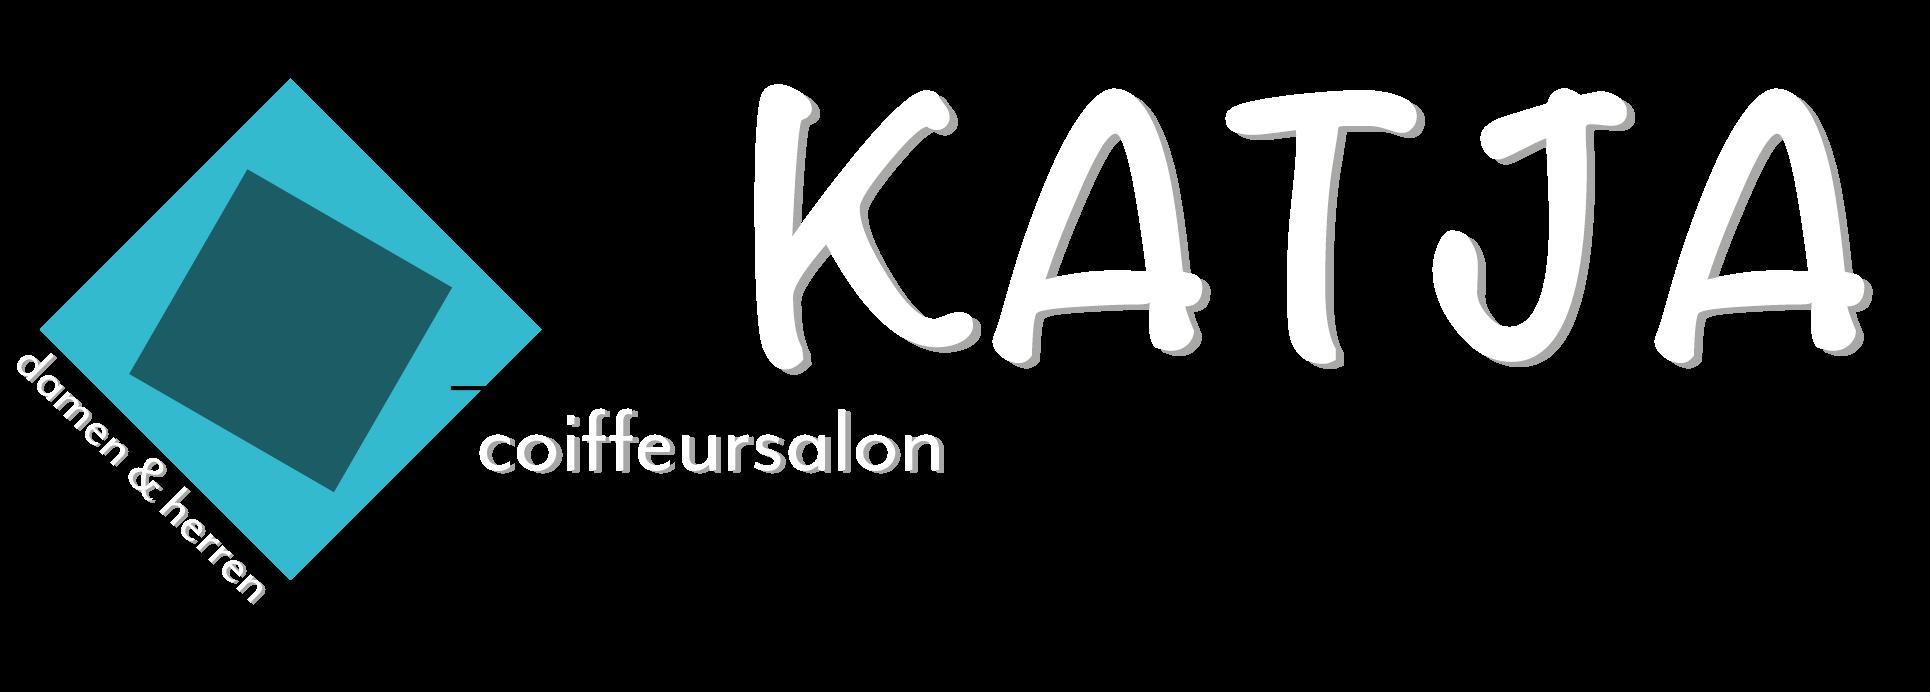 Coiffeursalon Katja